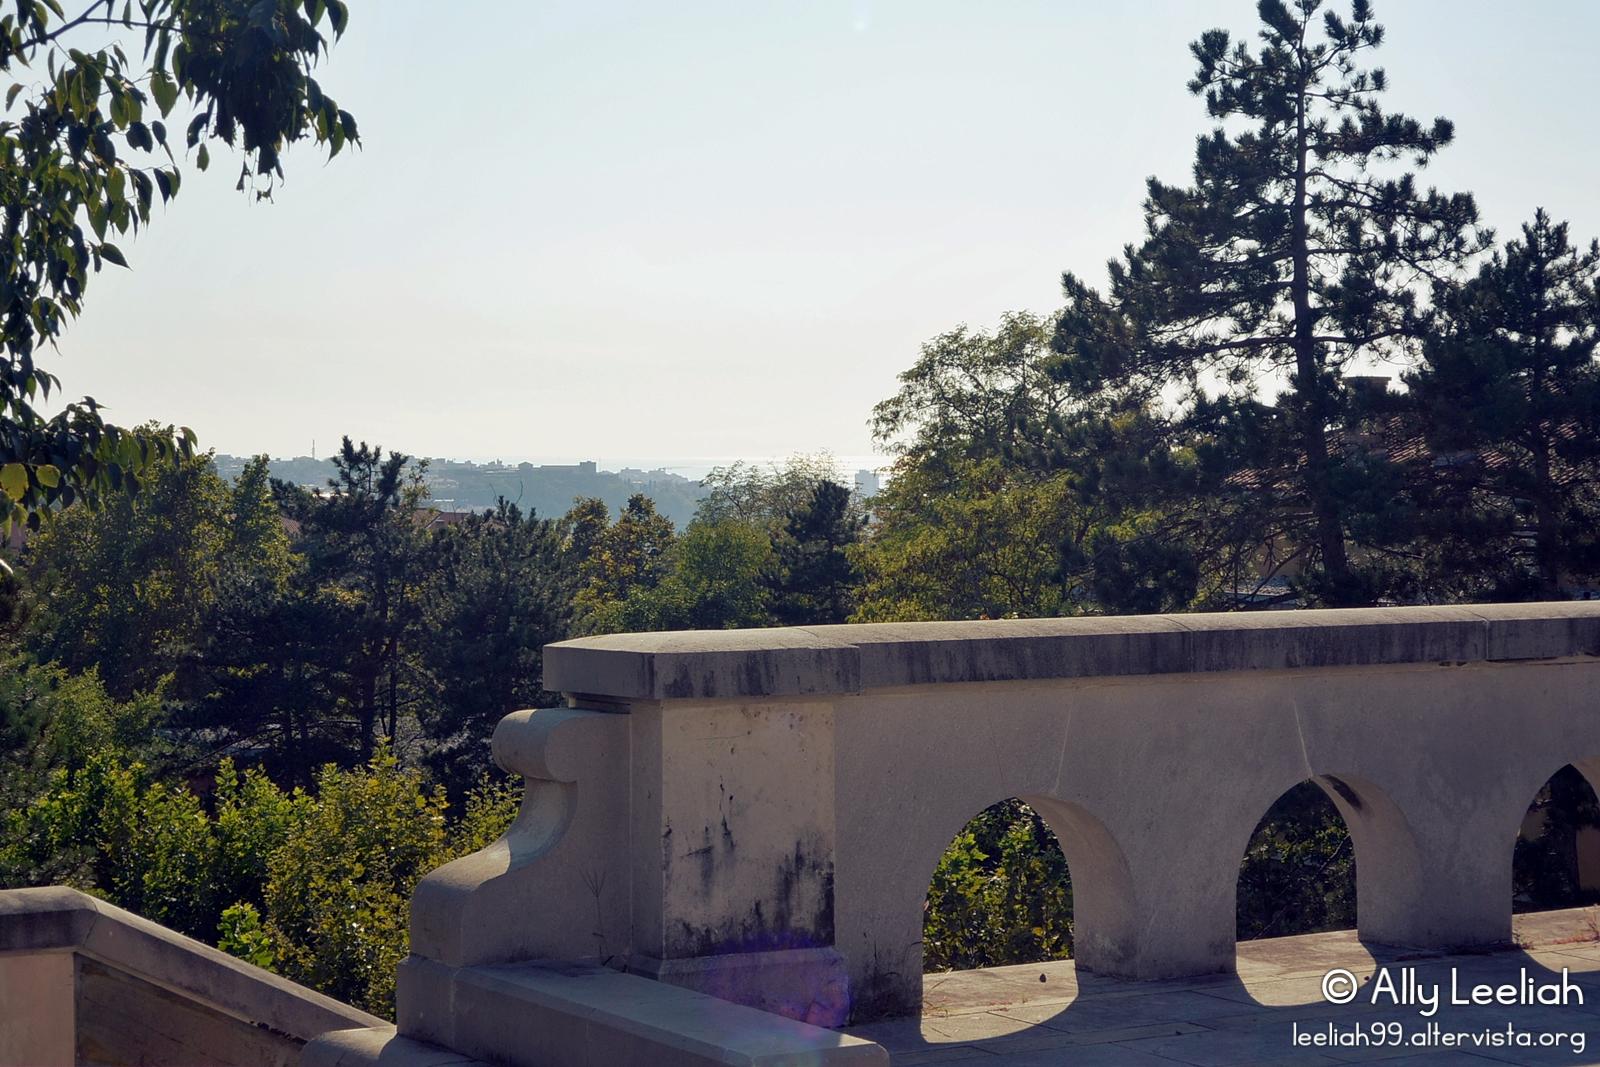 La scalinata panoramica nel Parco di San Giovanni, Trieste © leeliah99.altervista.org